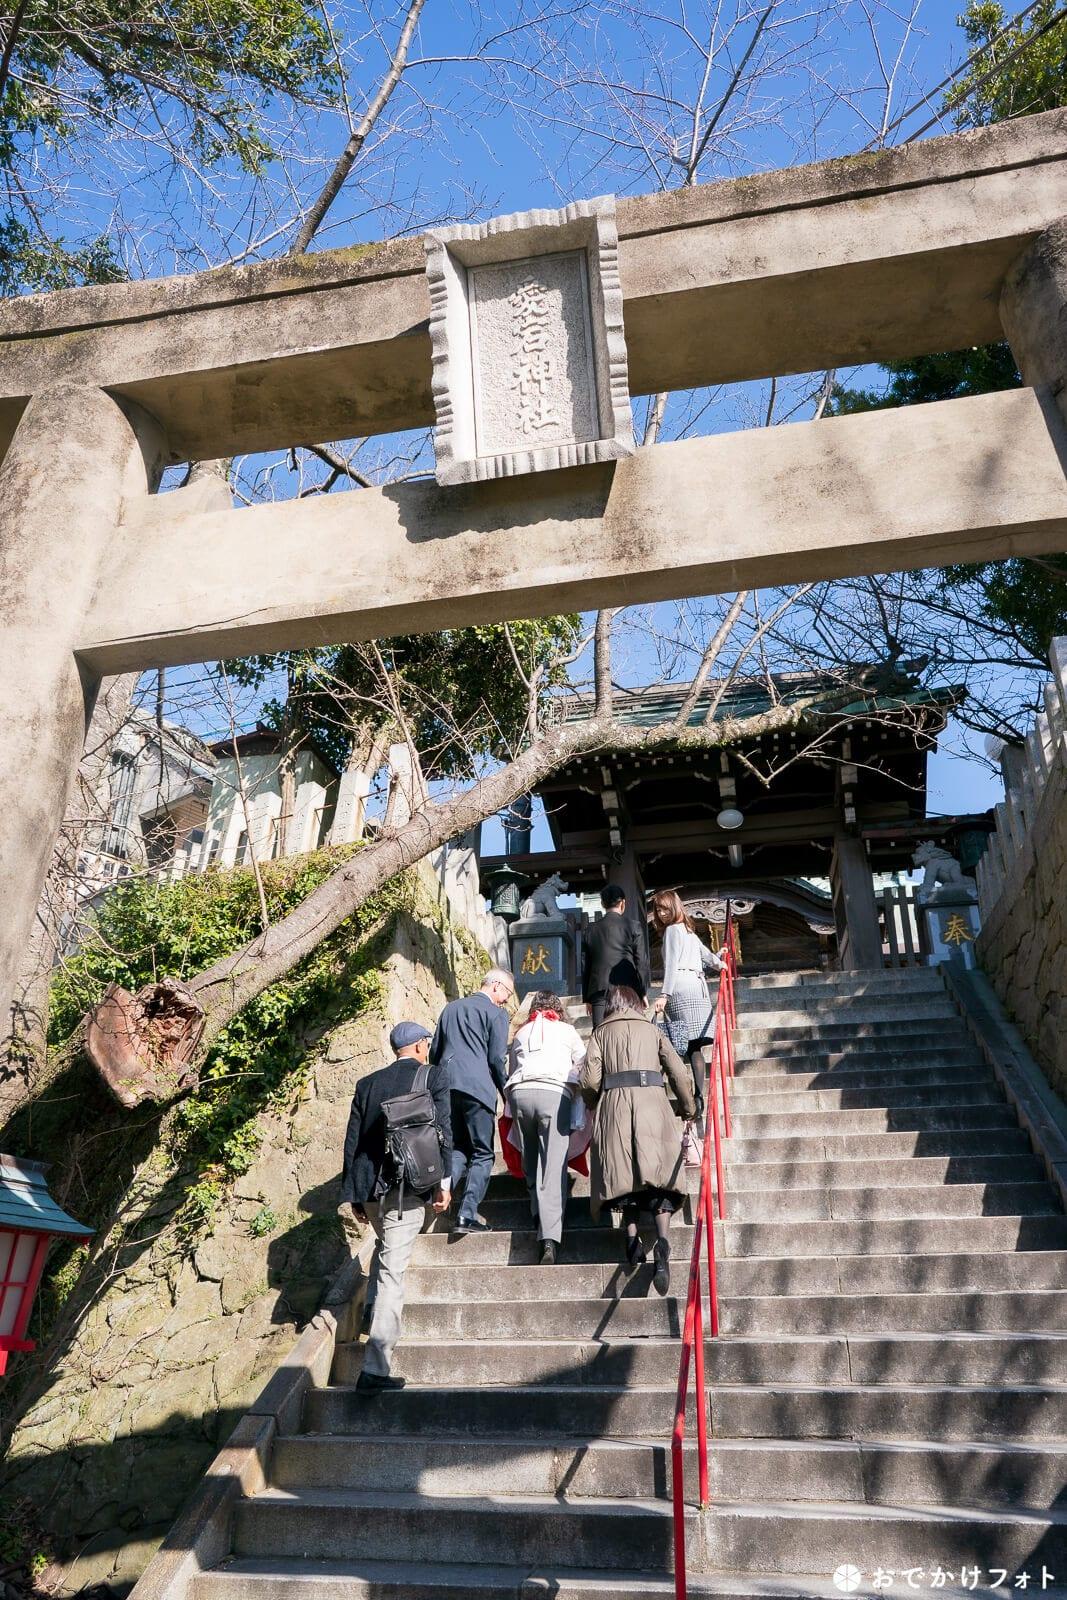 福岡愛宕神社の本殿まで続く階段